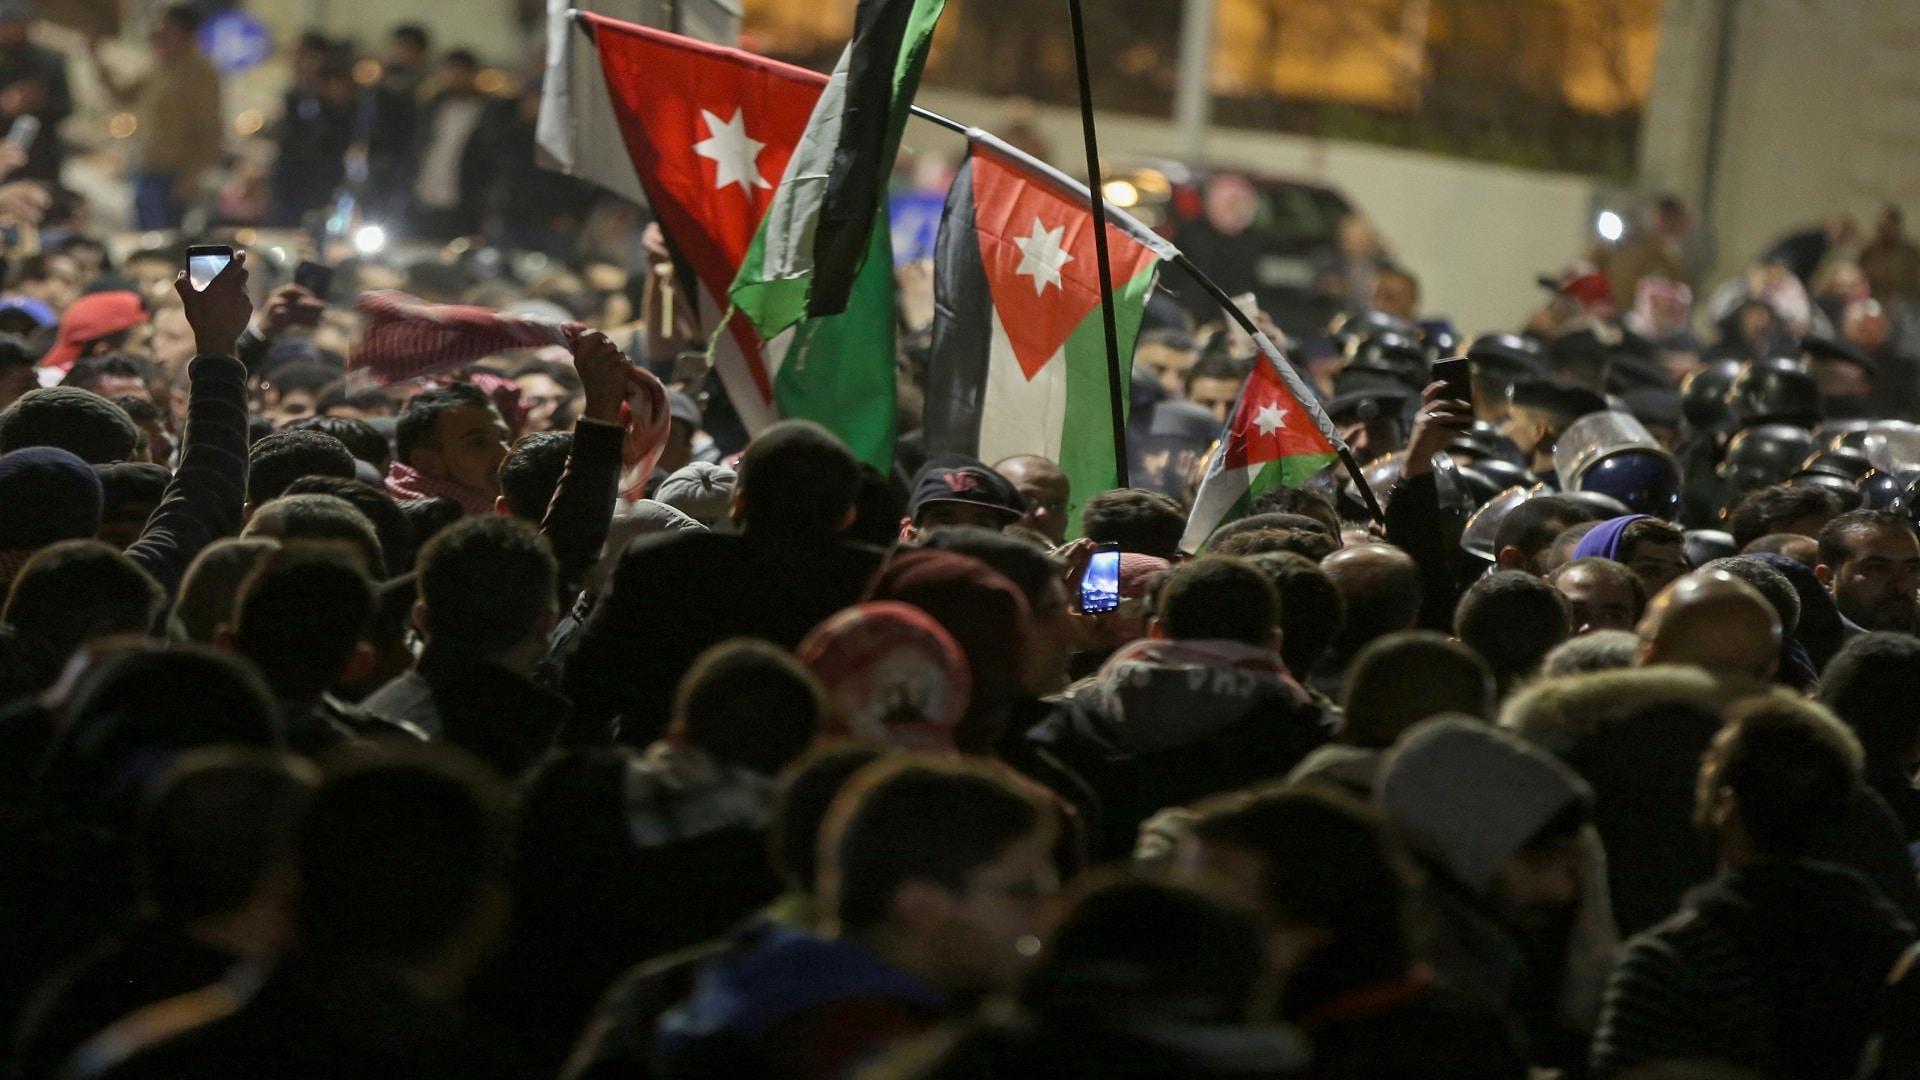 """""""العائلة نشرت غسيلها الوسخ"""".. فورين بوليسي: لم يكن هناك أي انقلاب في الأردن وهذا ما جرى"""